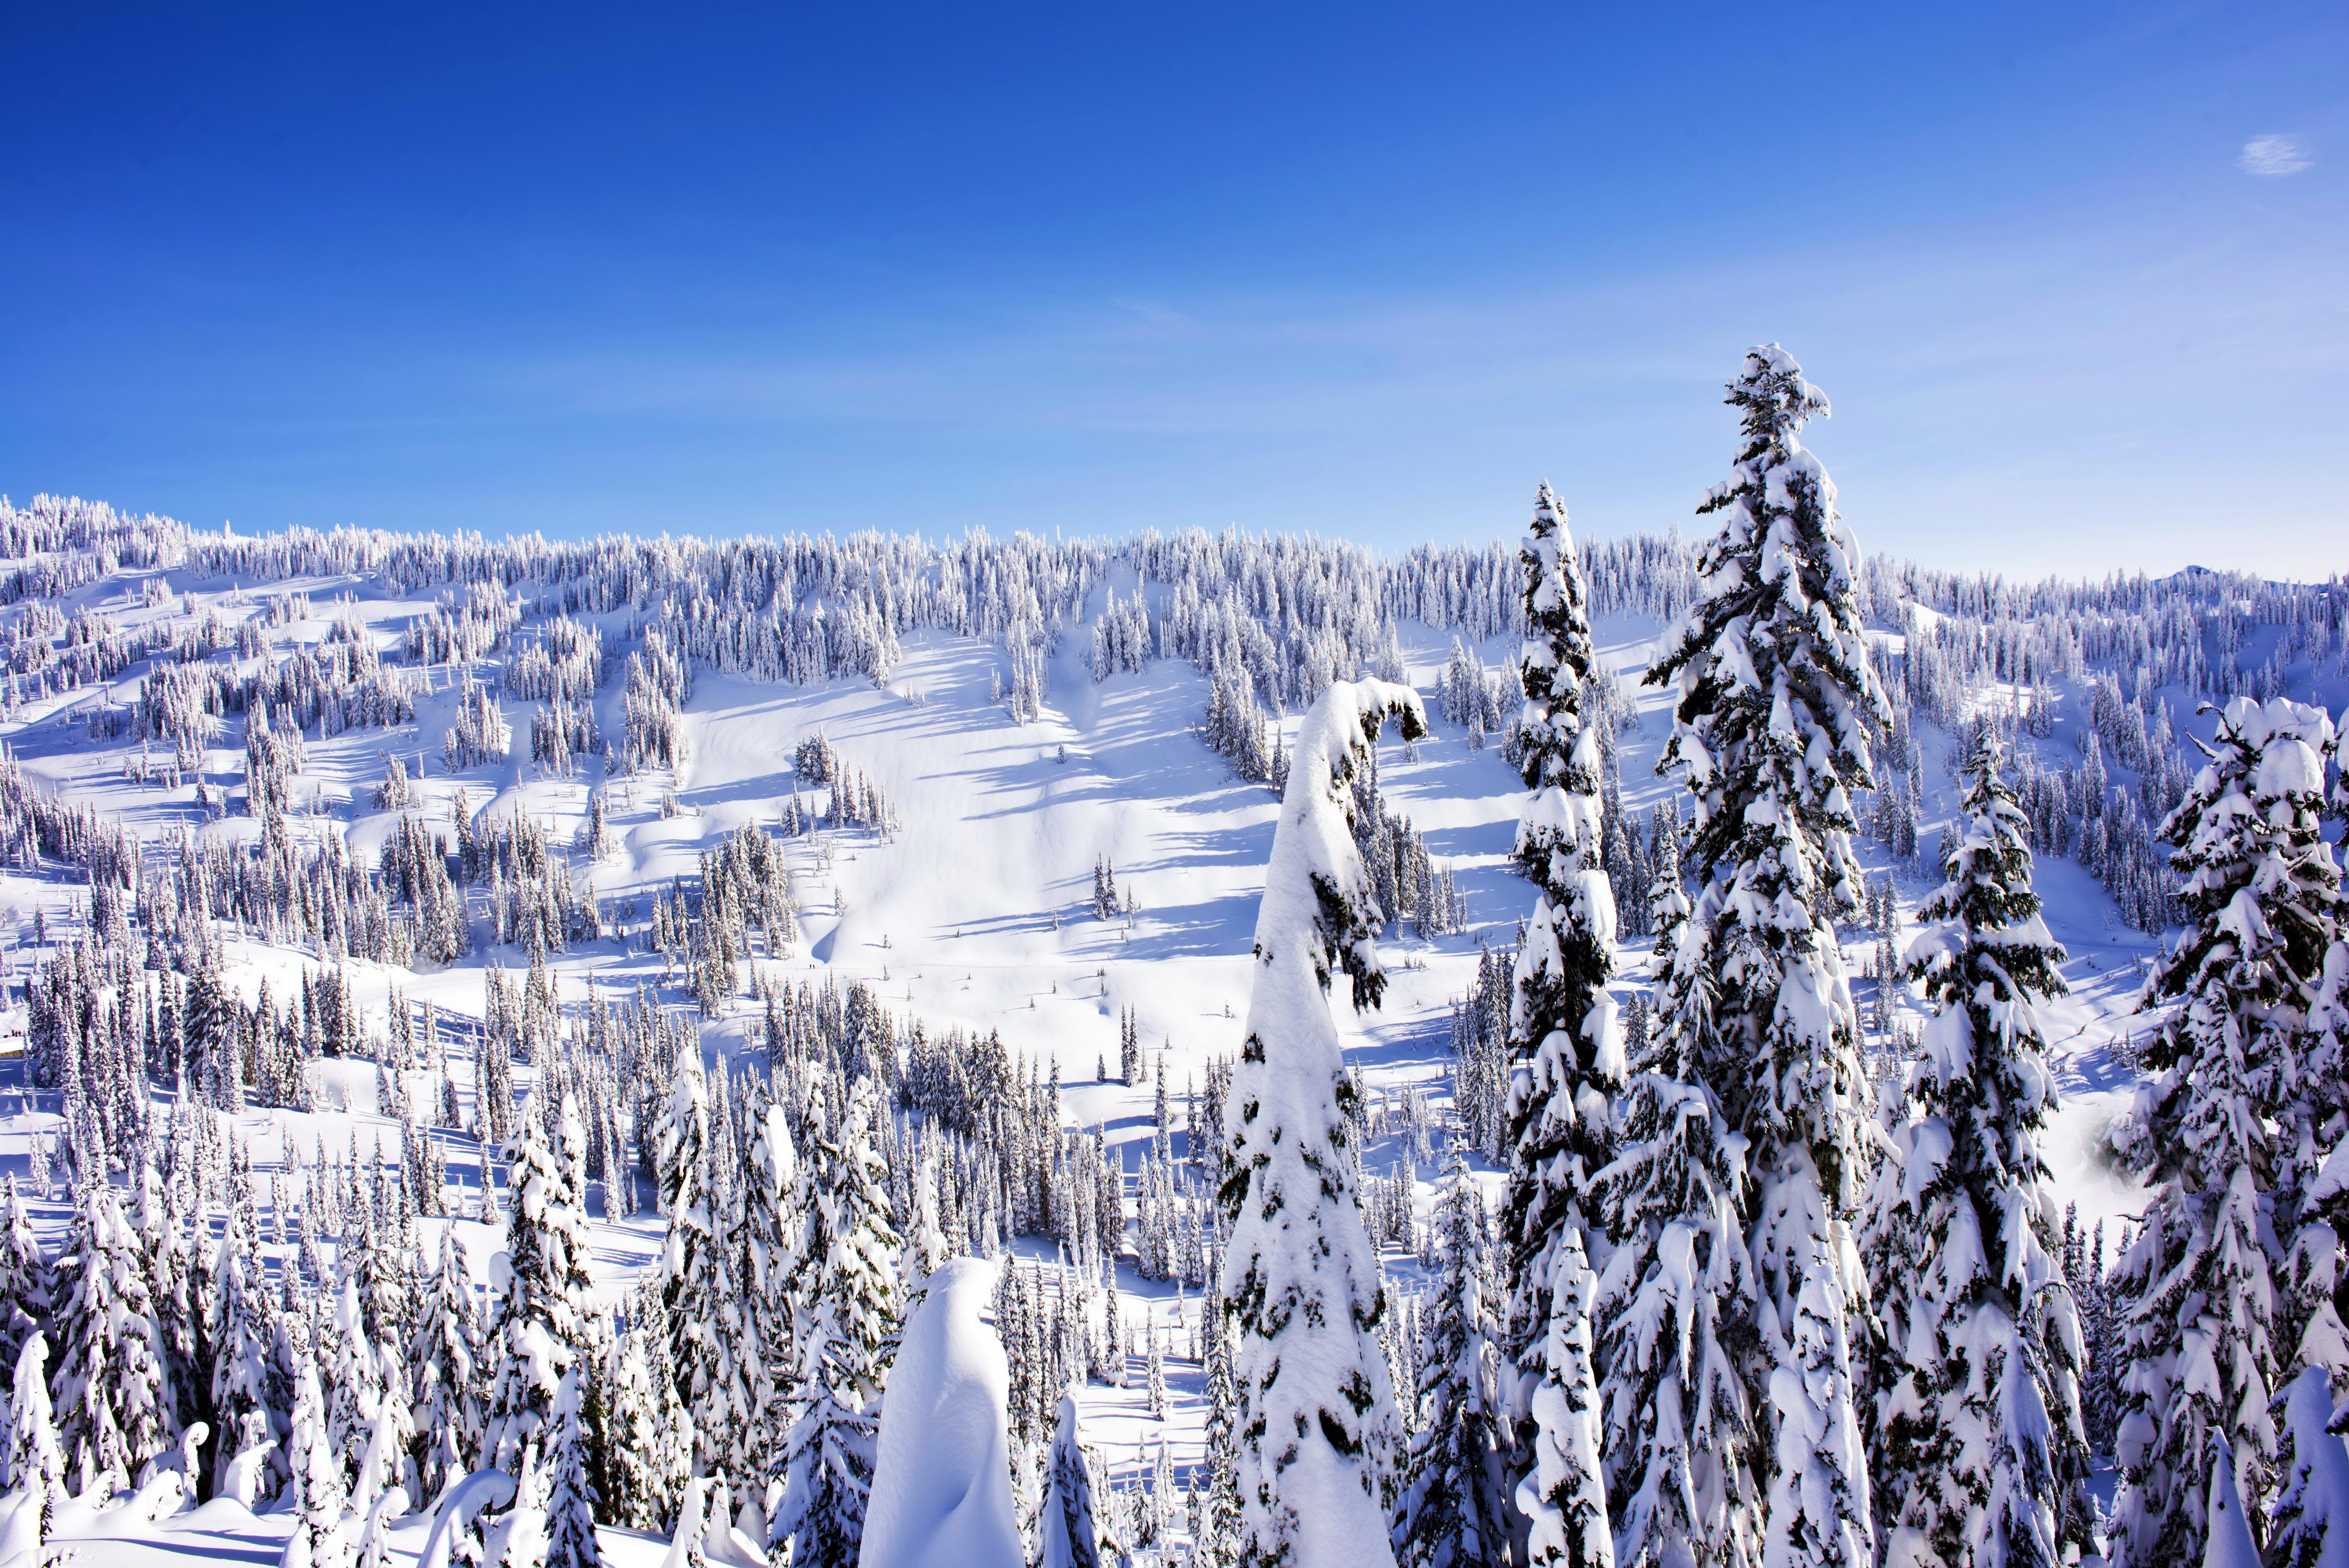 снег холмы snow hills  № 830904 загрузить